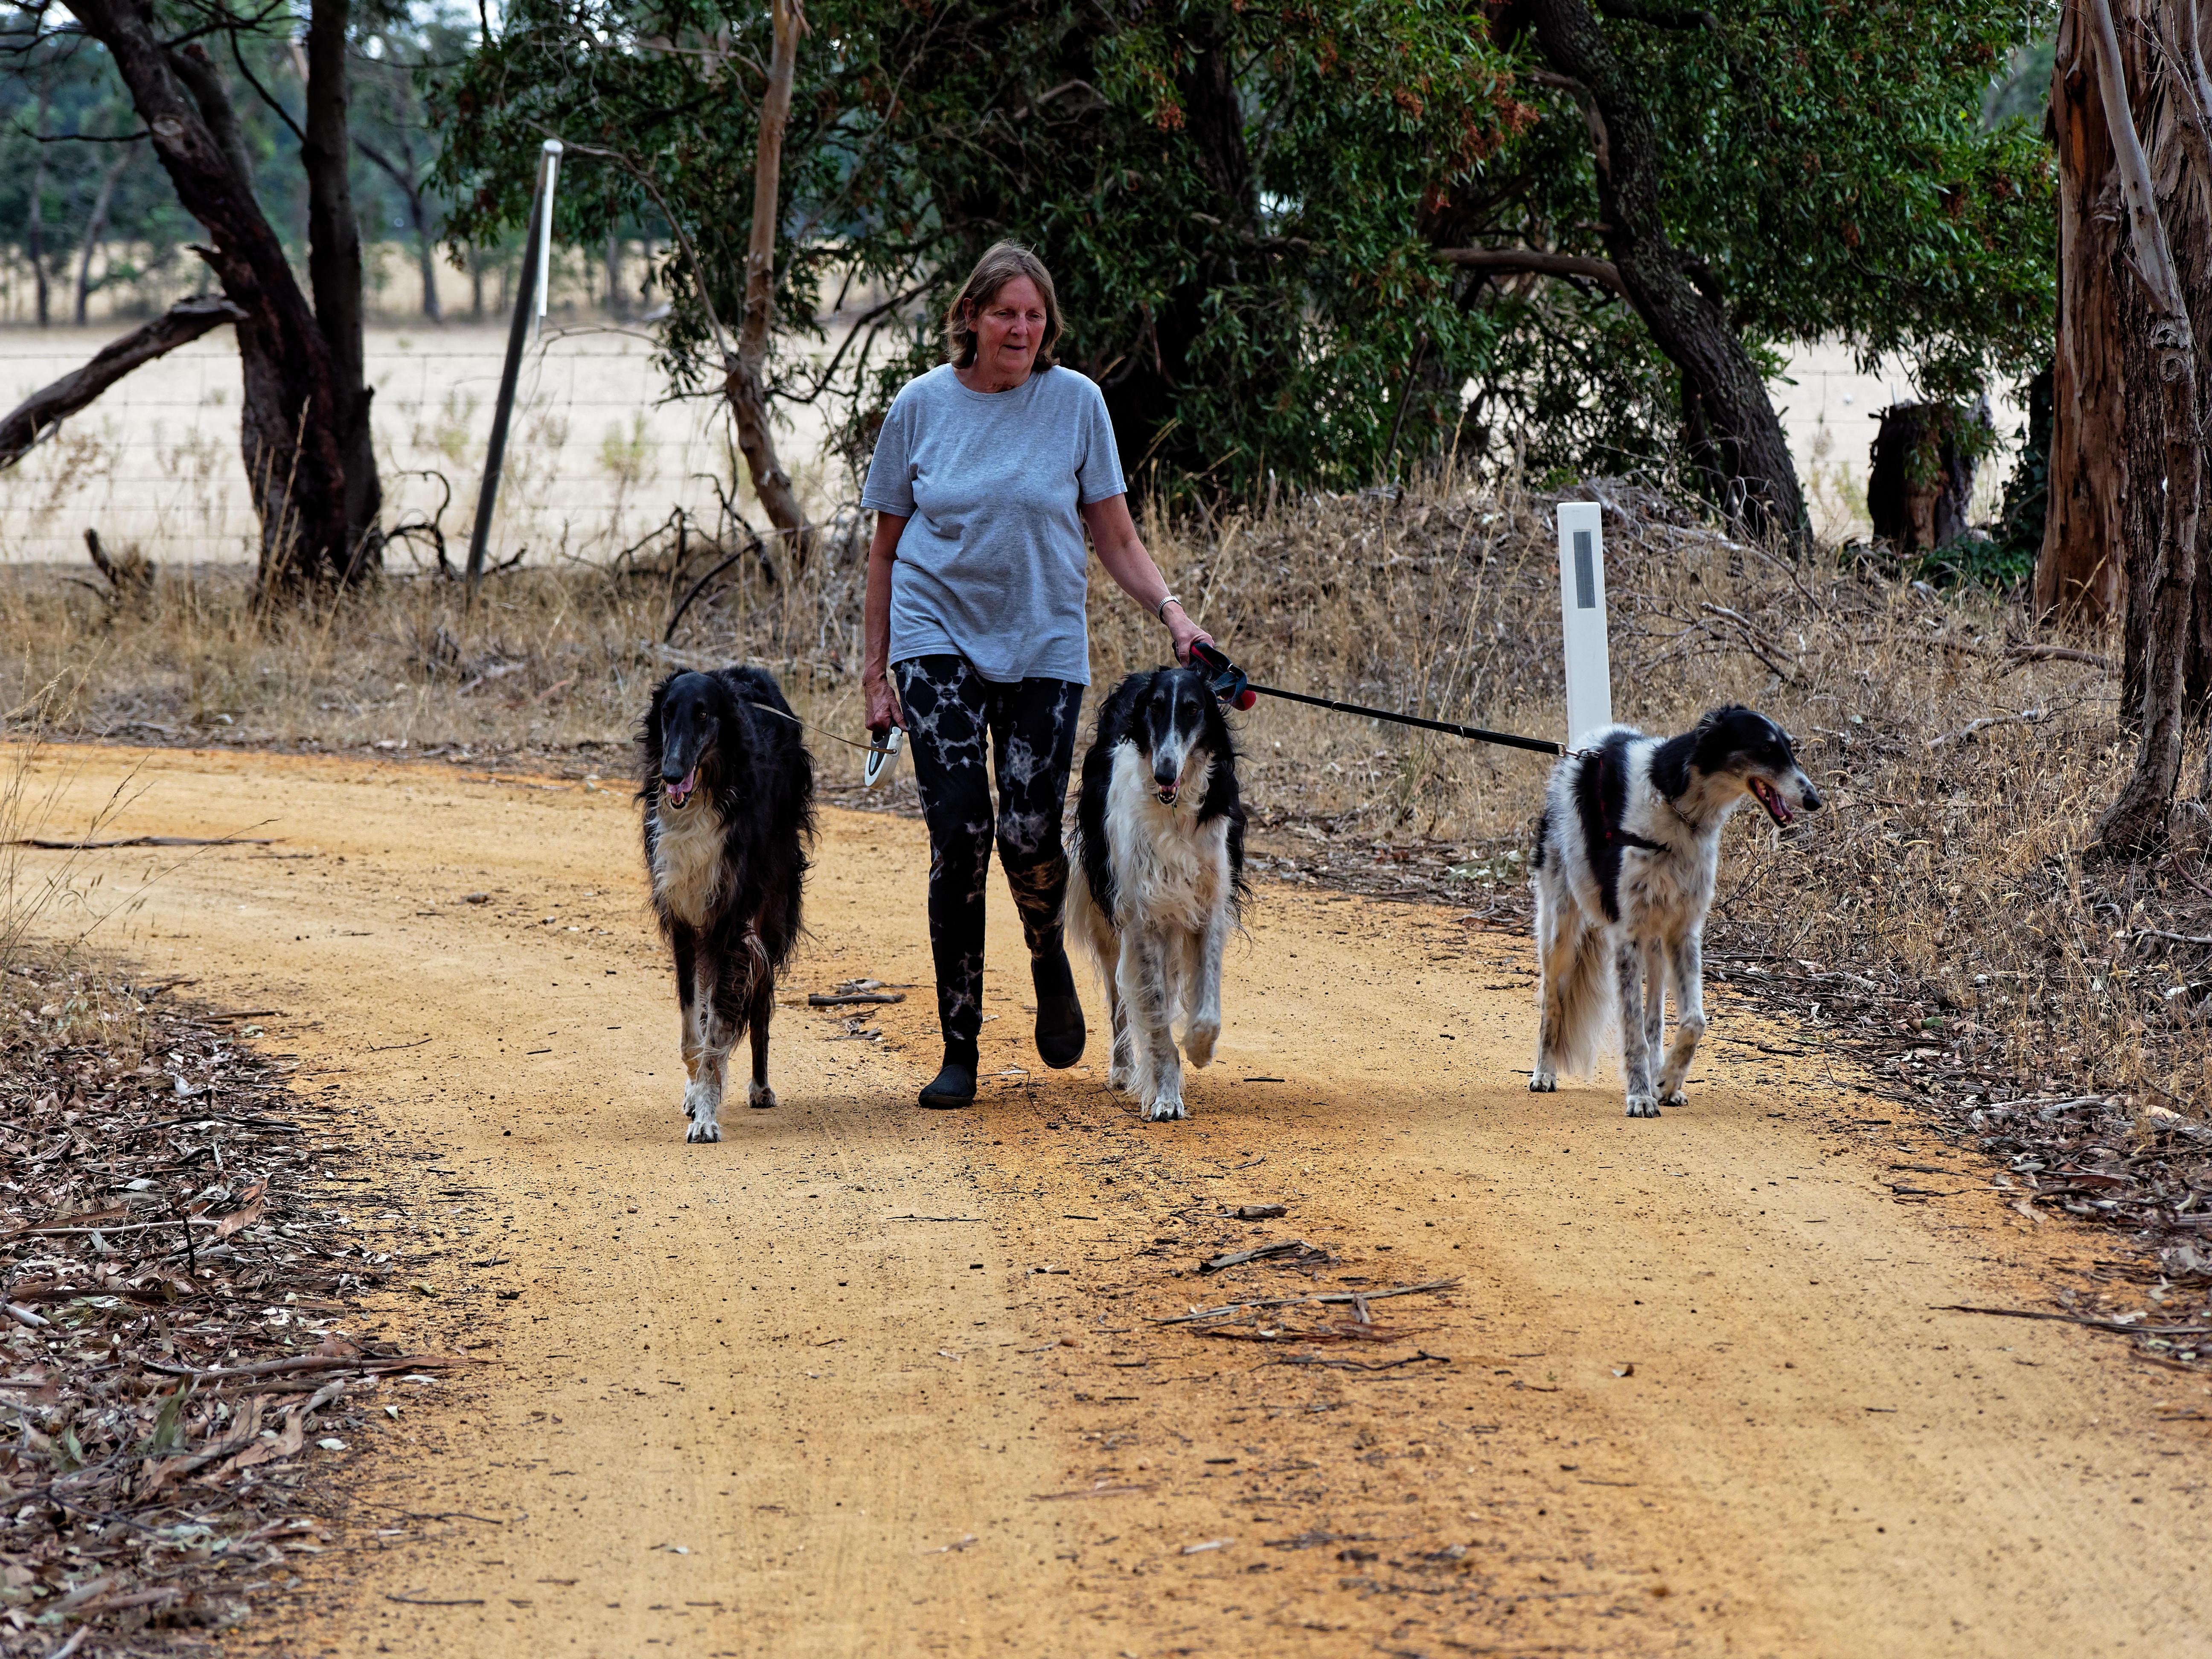 Walking-dogs-38.jpeg